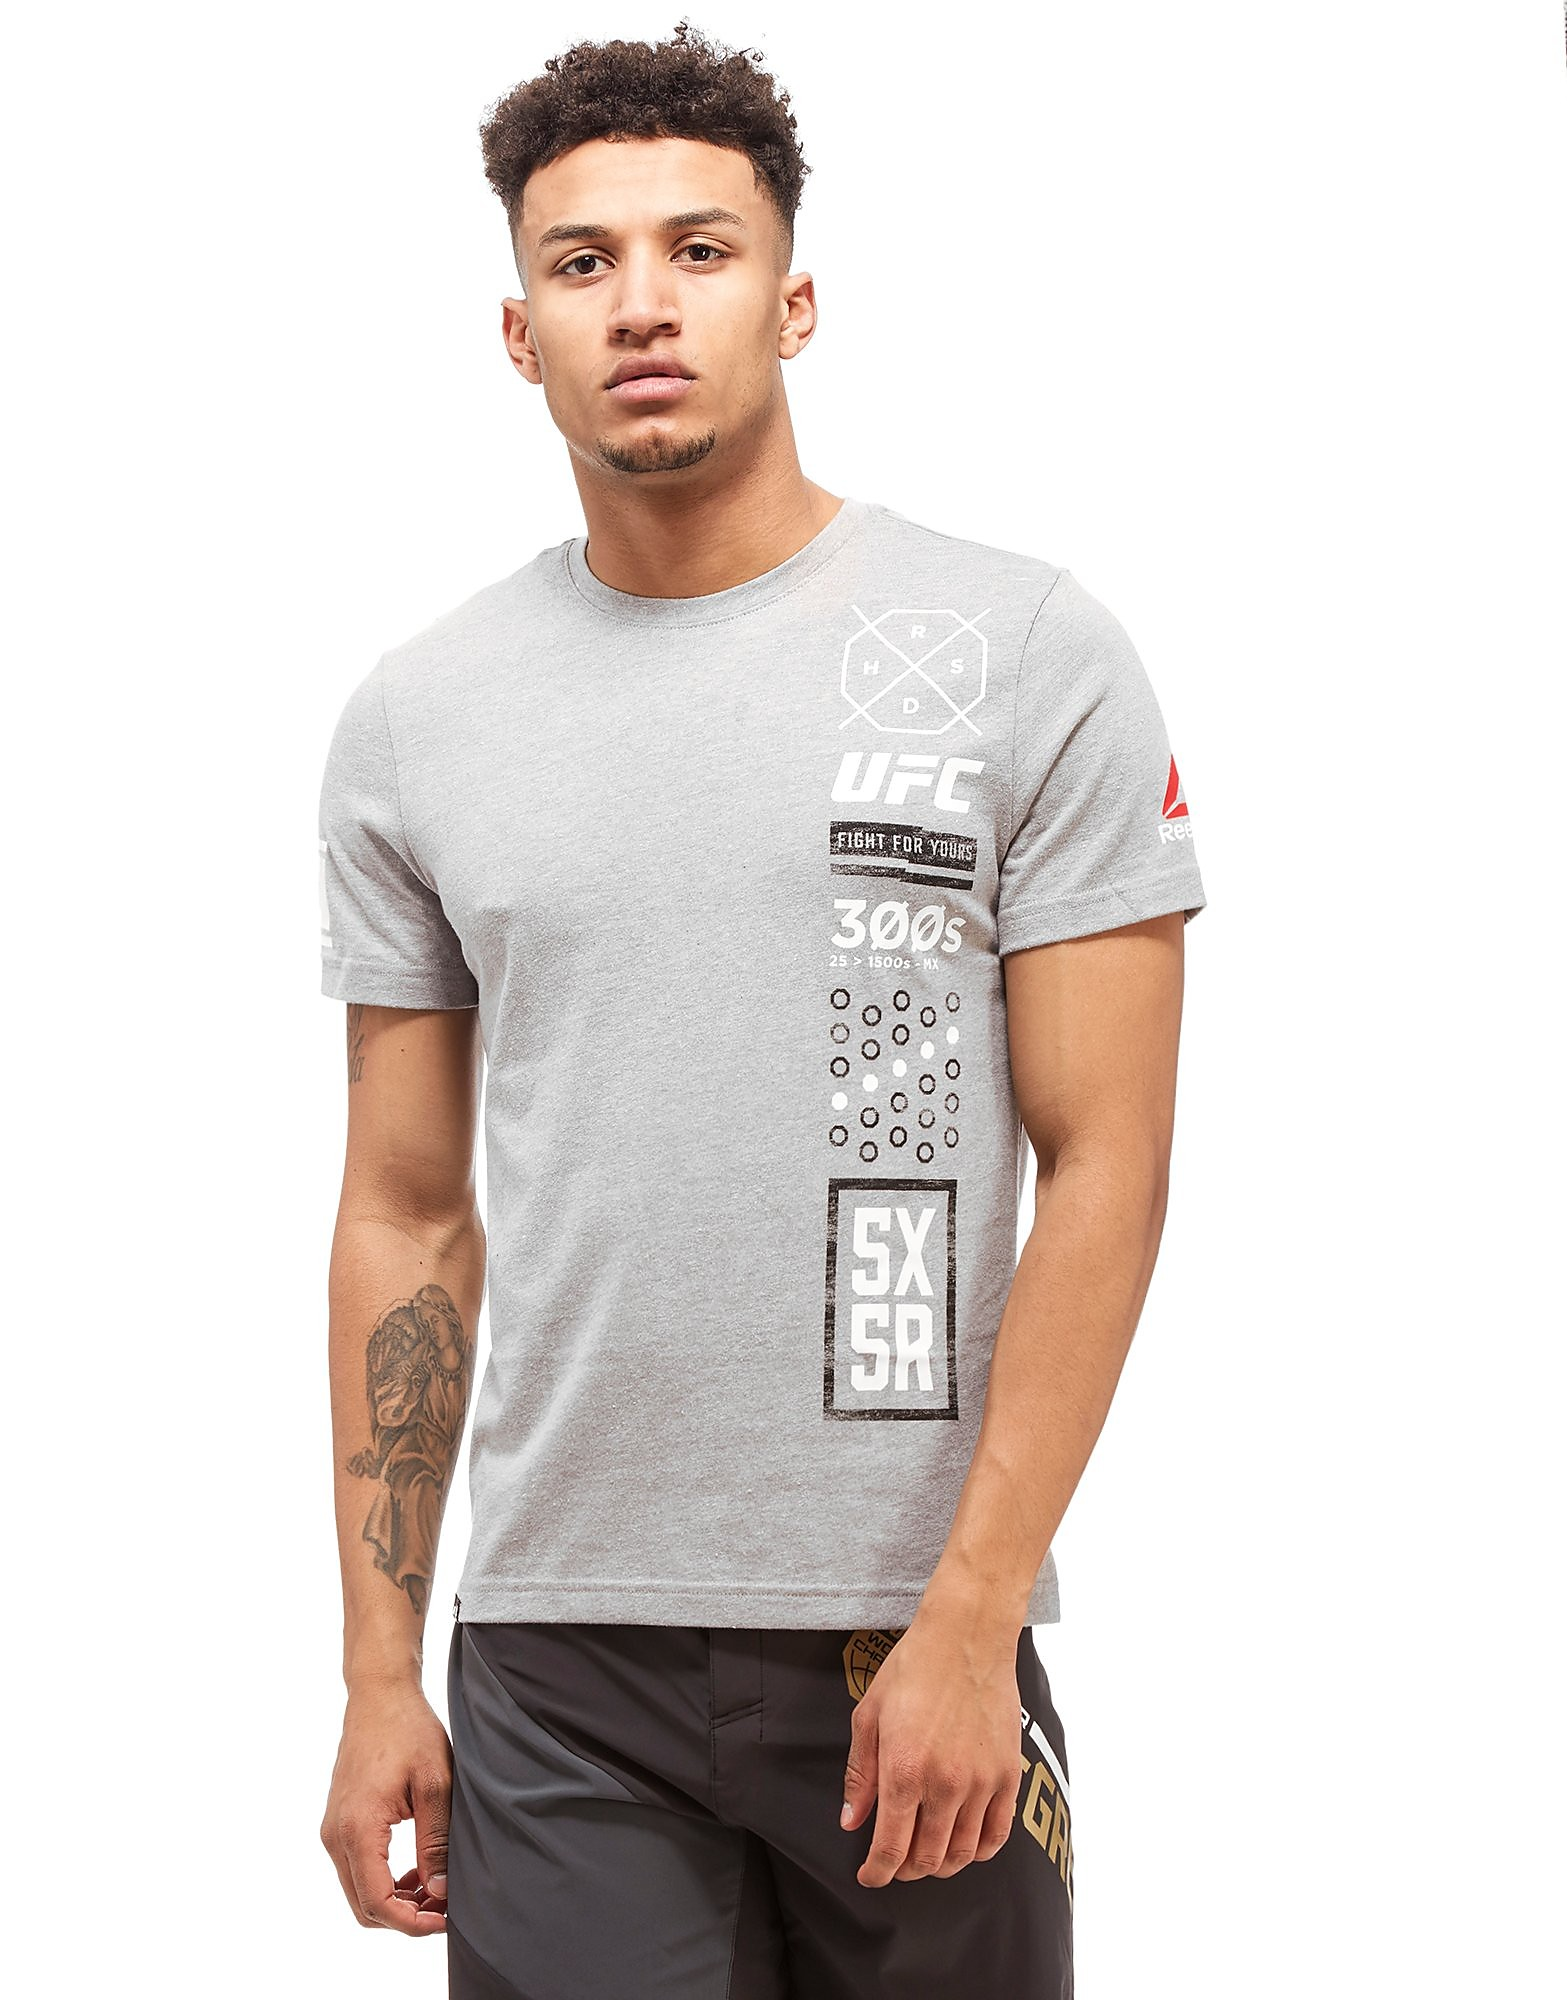 Reebok UFC Ultimate Fan 5X5R T-Shirt